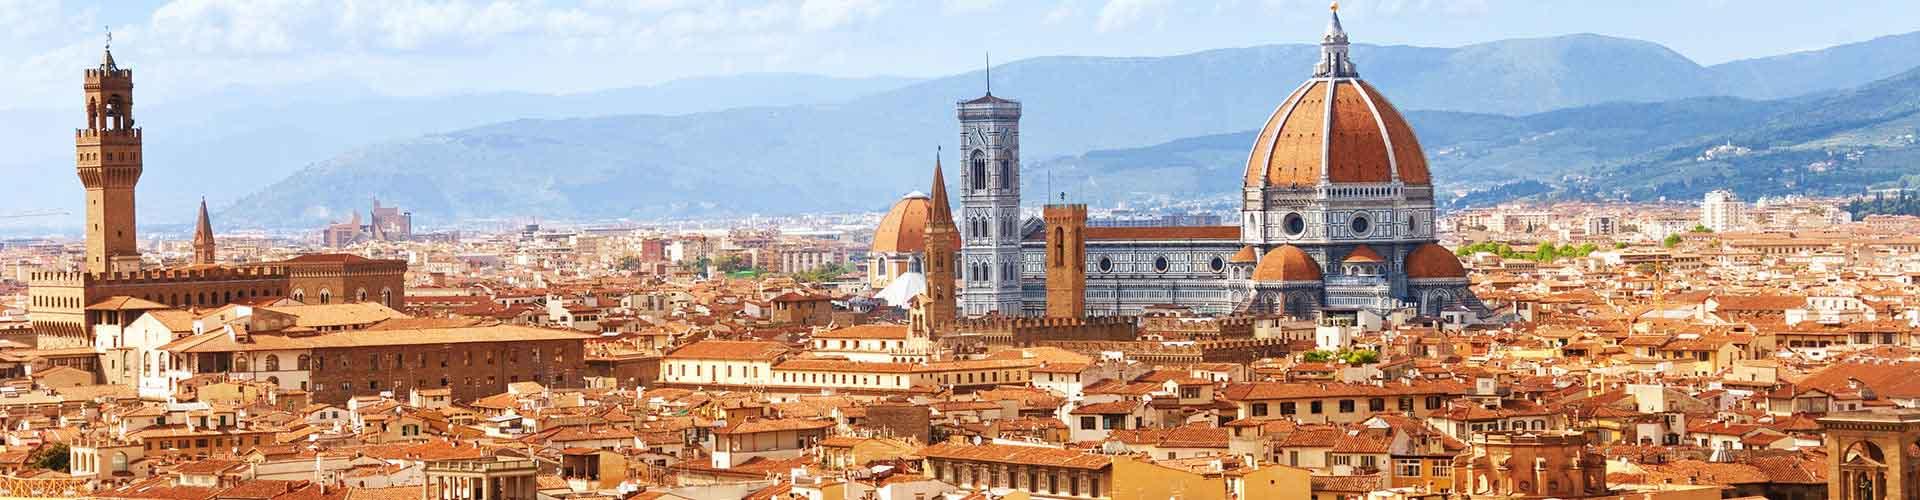 Florenz - Hostels nahe Stadtzentrum. Florenz auf der Karte. Fotos und Bewertungen für jedes Hostel in Florenz.